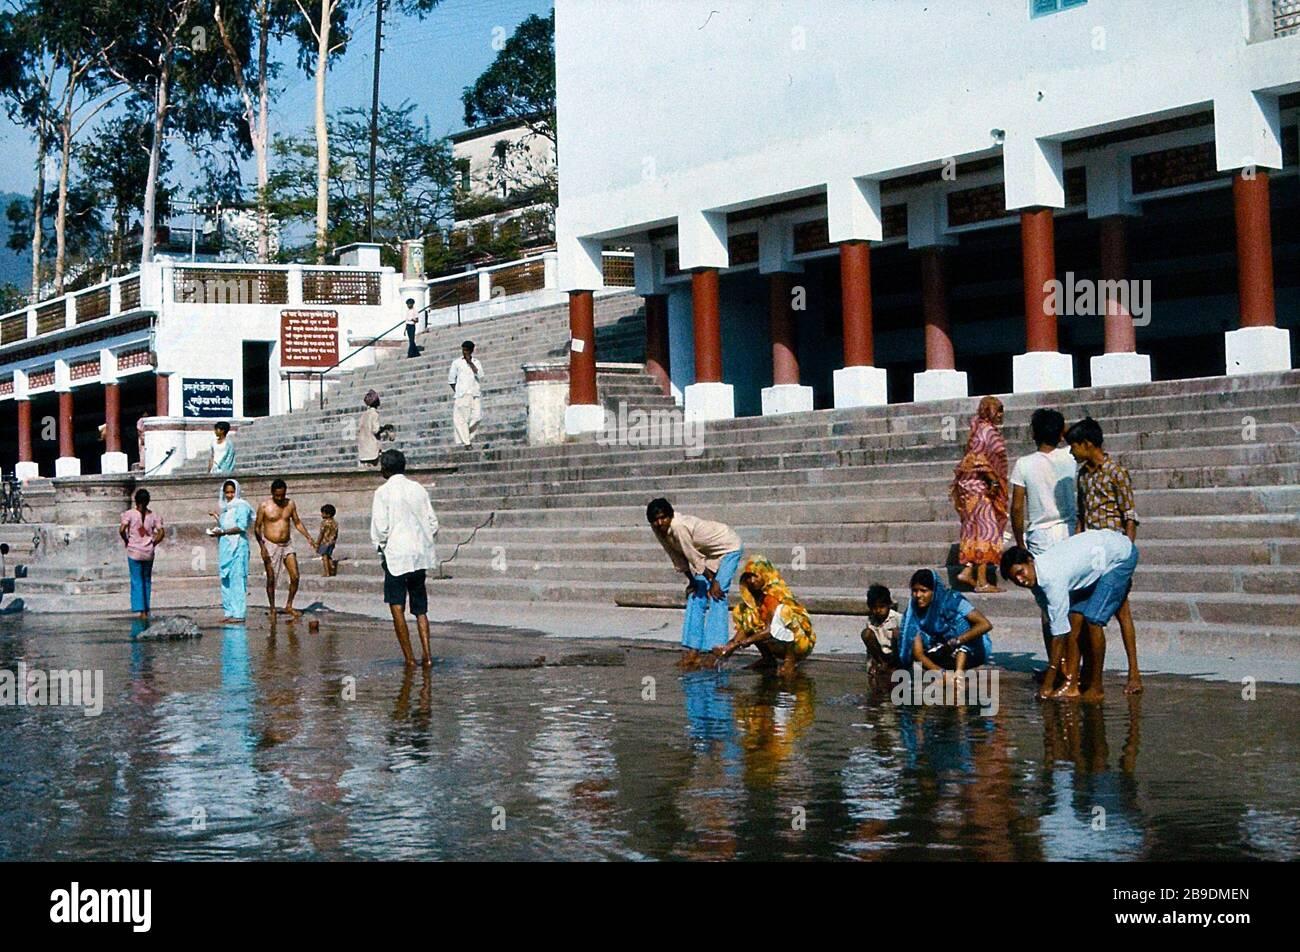 Plusieurs personnes se sont propres dans le Ganges se lavant sur les rives d'une rivière dans une ville en Inde. La banque est fortifiée et peut être atteinte par des escaliers. Sur la banque il y a des bâtiments blancs avec des colonnes rouges. Les femmes, les hommes et les enfants se tiennent ou squatent dans les eaux peu profondes. Les femmes portent des robes lumineuses colorées. [traduction automatique] Banque D'Images